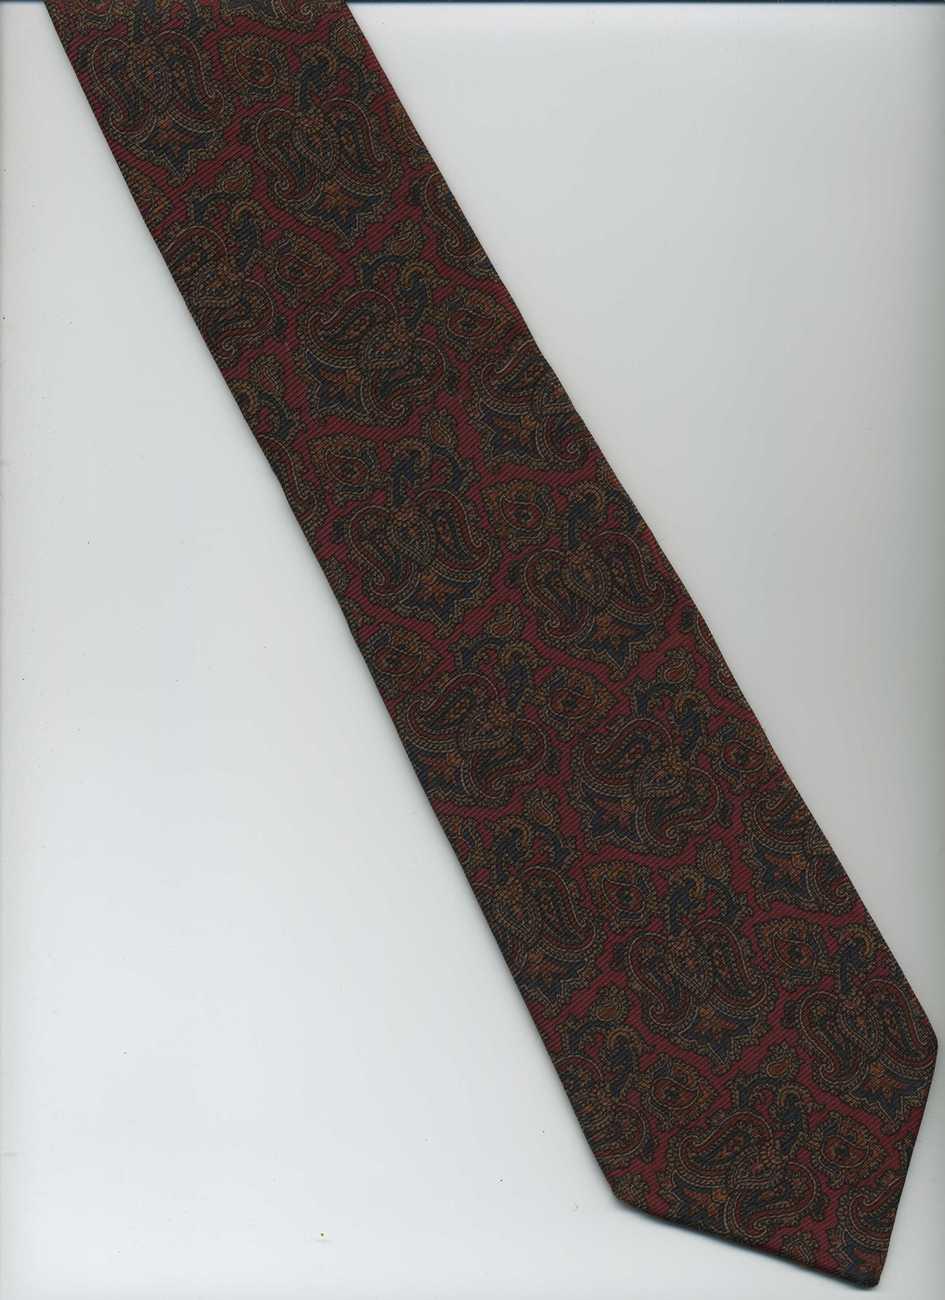 lands end tie maroon black brown paisley